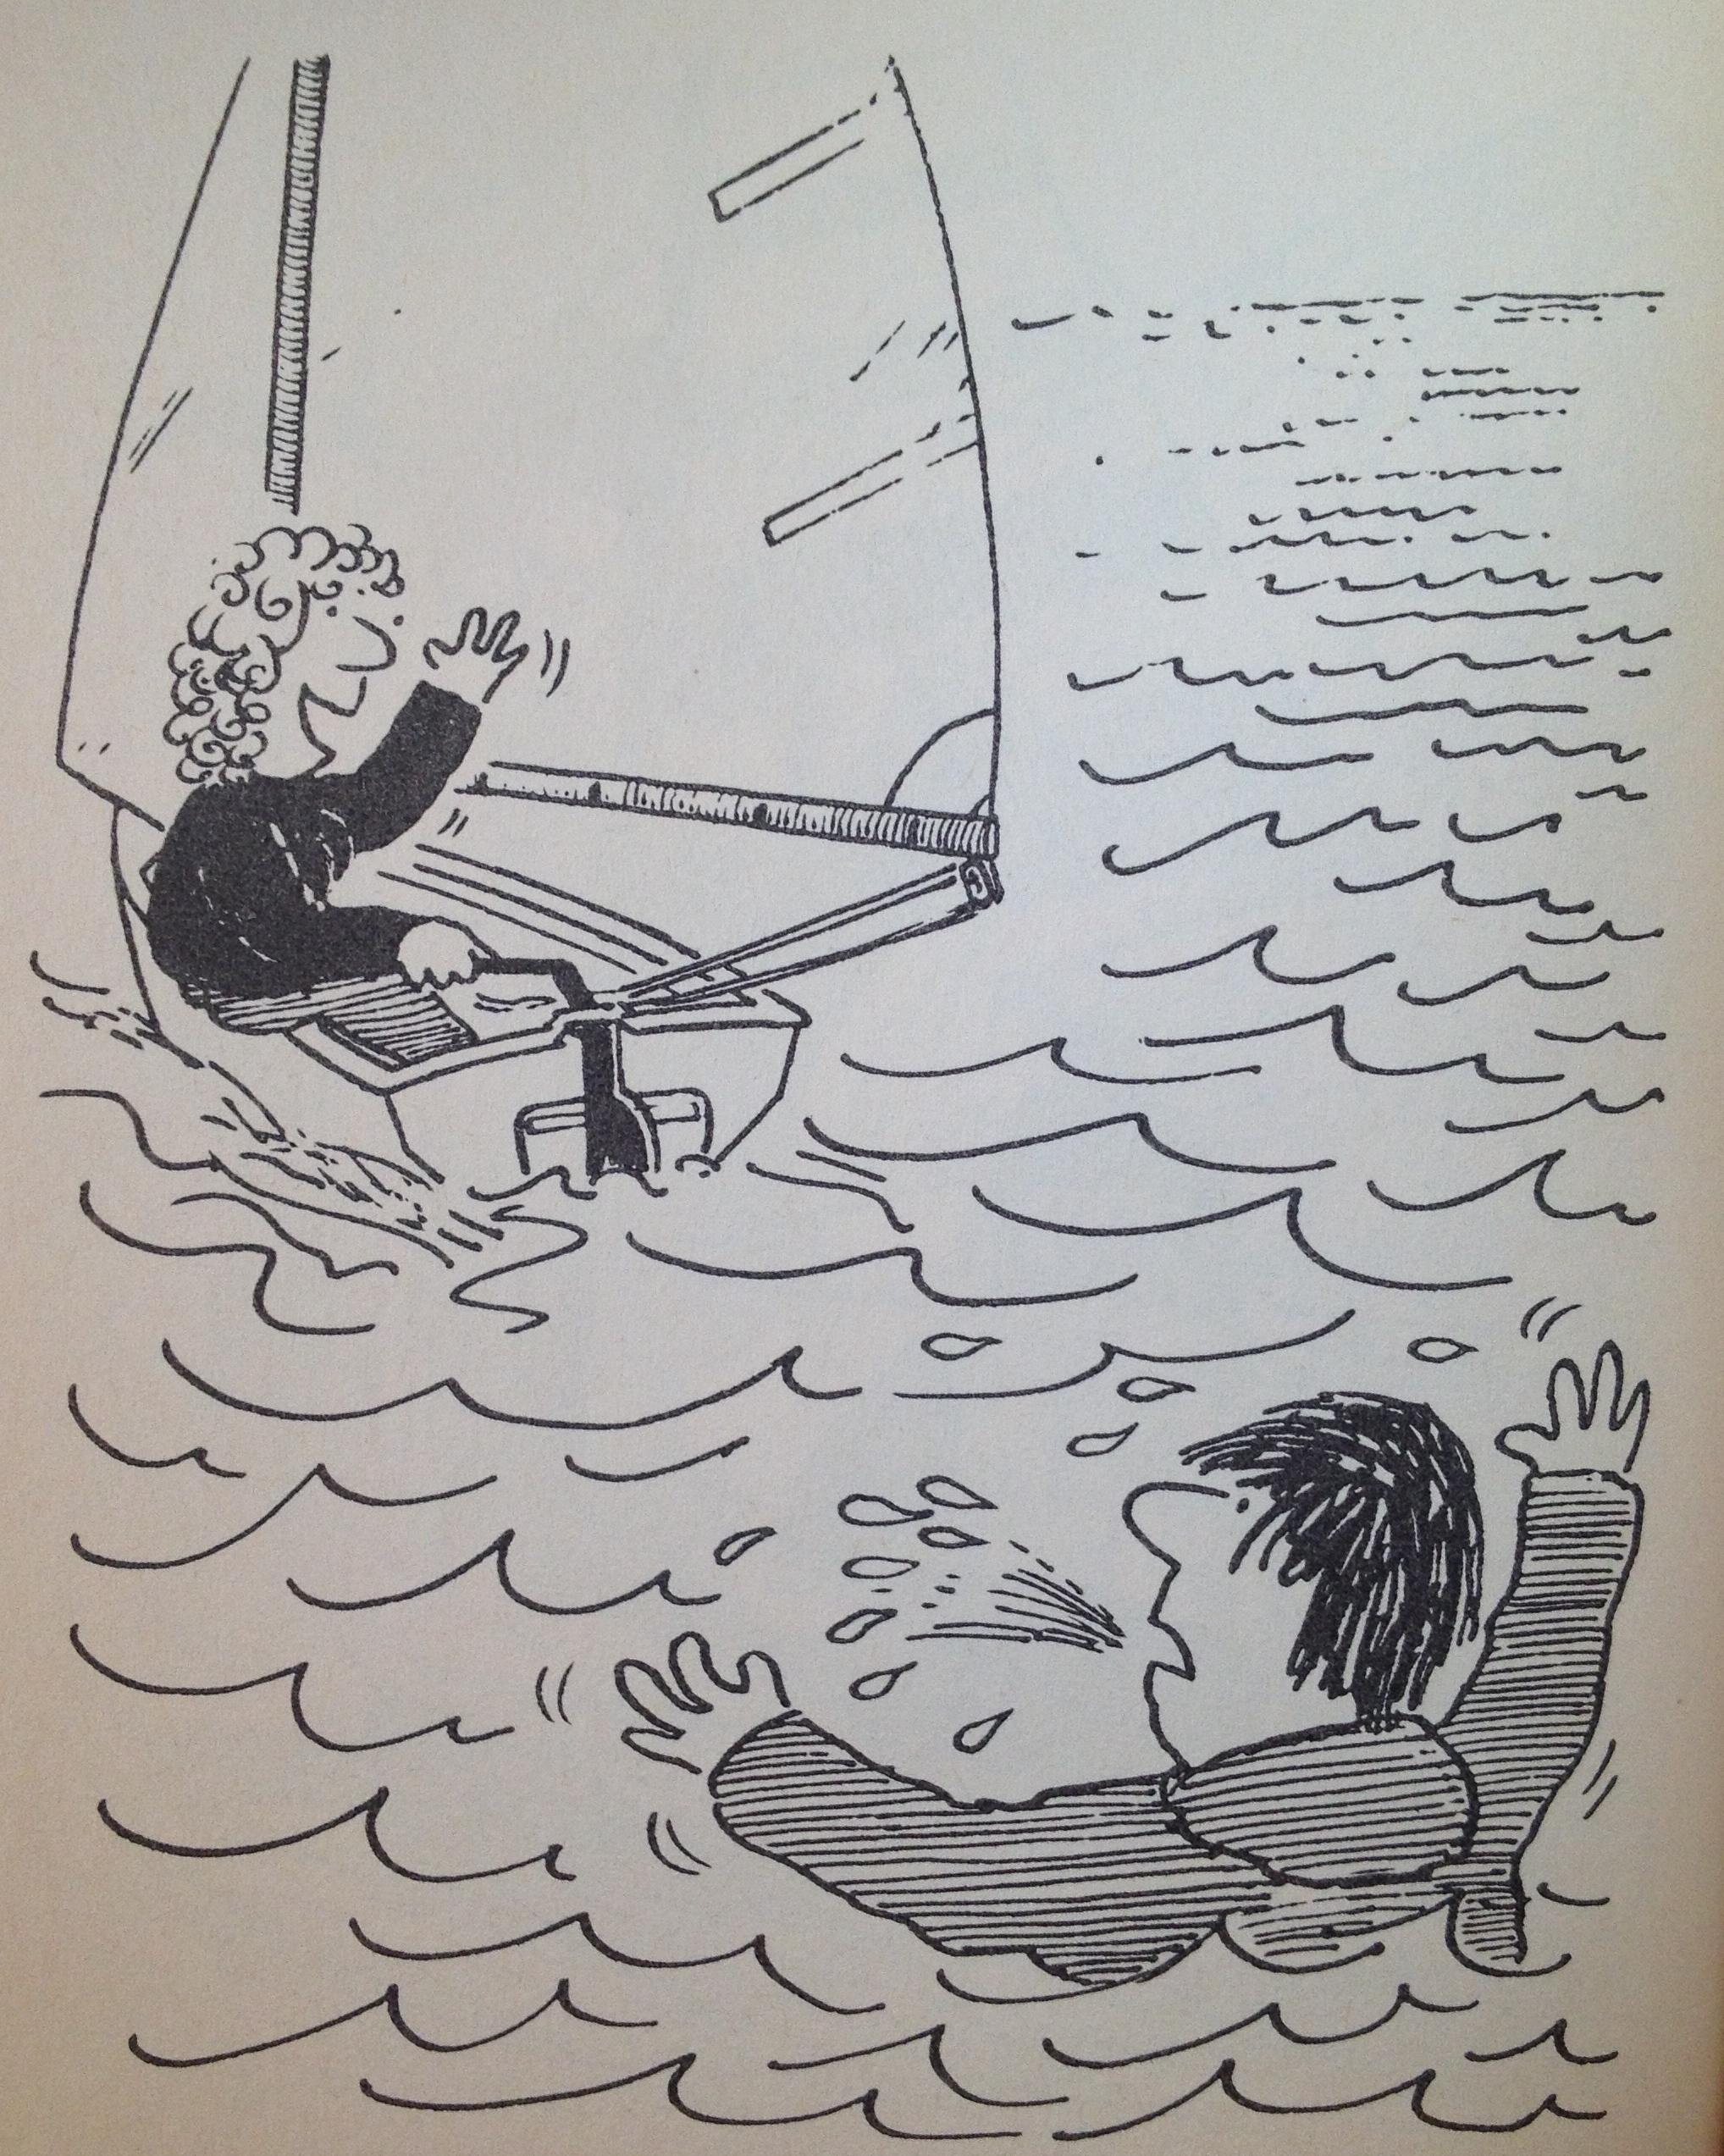 救生衣 航行中若有船员不慎掉入水中,采用以下办法尽快解救。 64b.jpg